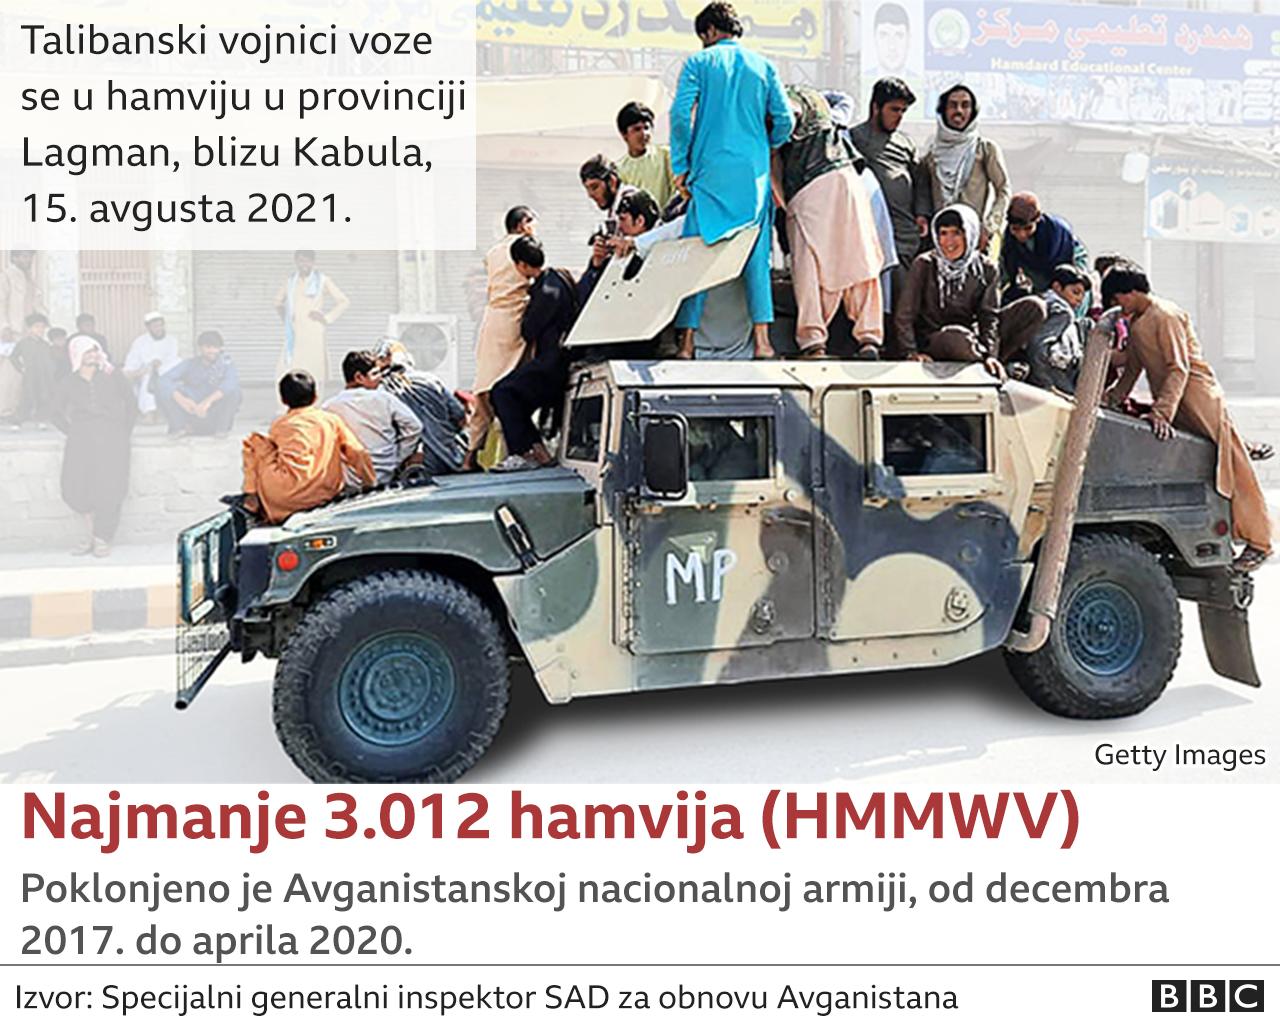 Hamviji